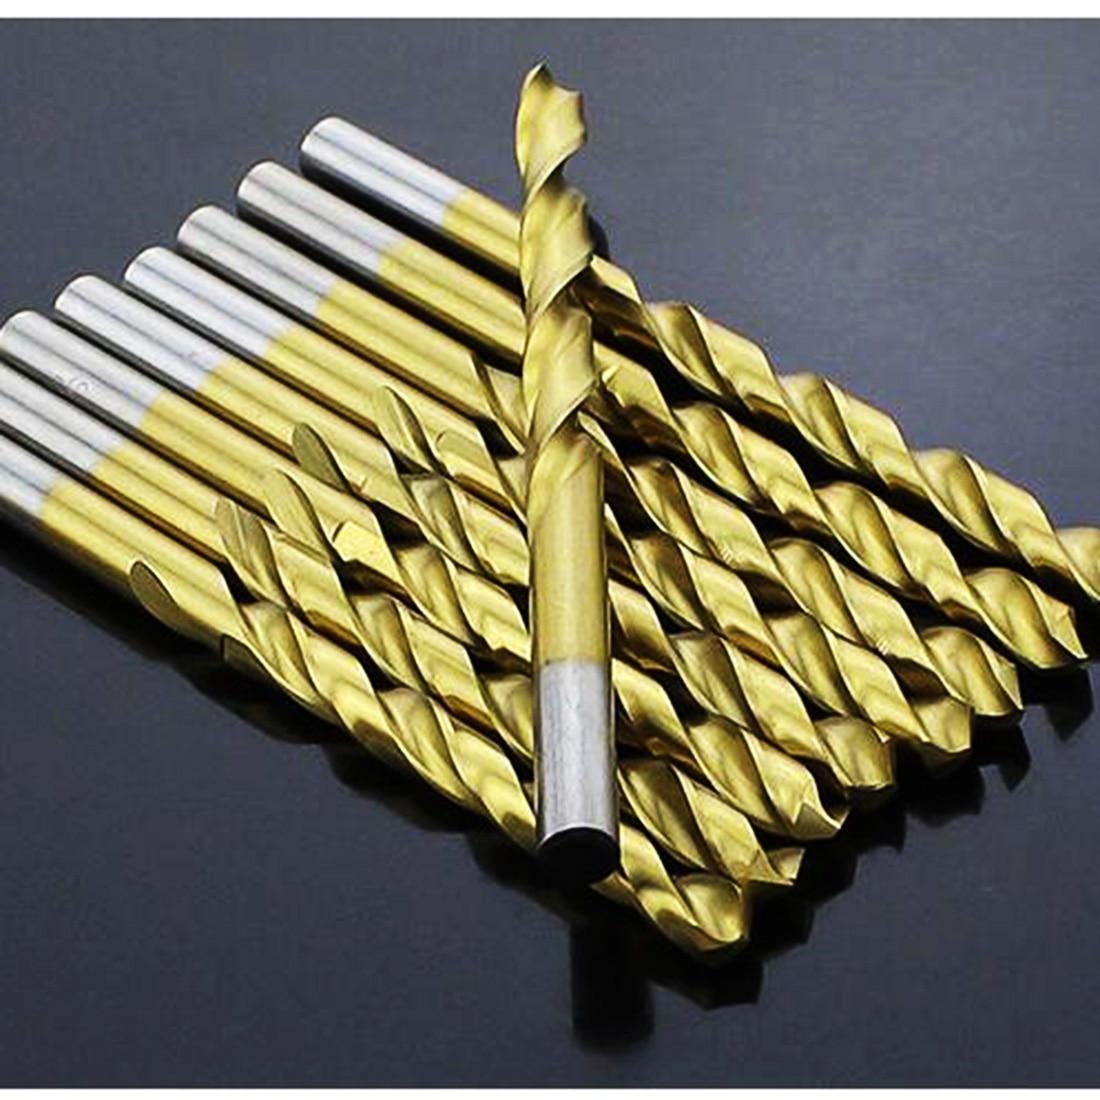 цена на Hot 50Pcs/Set Titanium Coated Twist Drill Bit Set 1/1.5/2/2.5/3mm High Speed Steel Wood Drilling Metalworking Power Tool